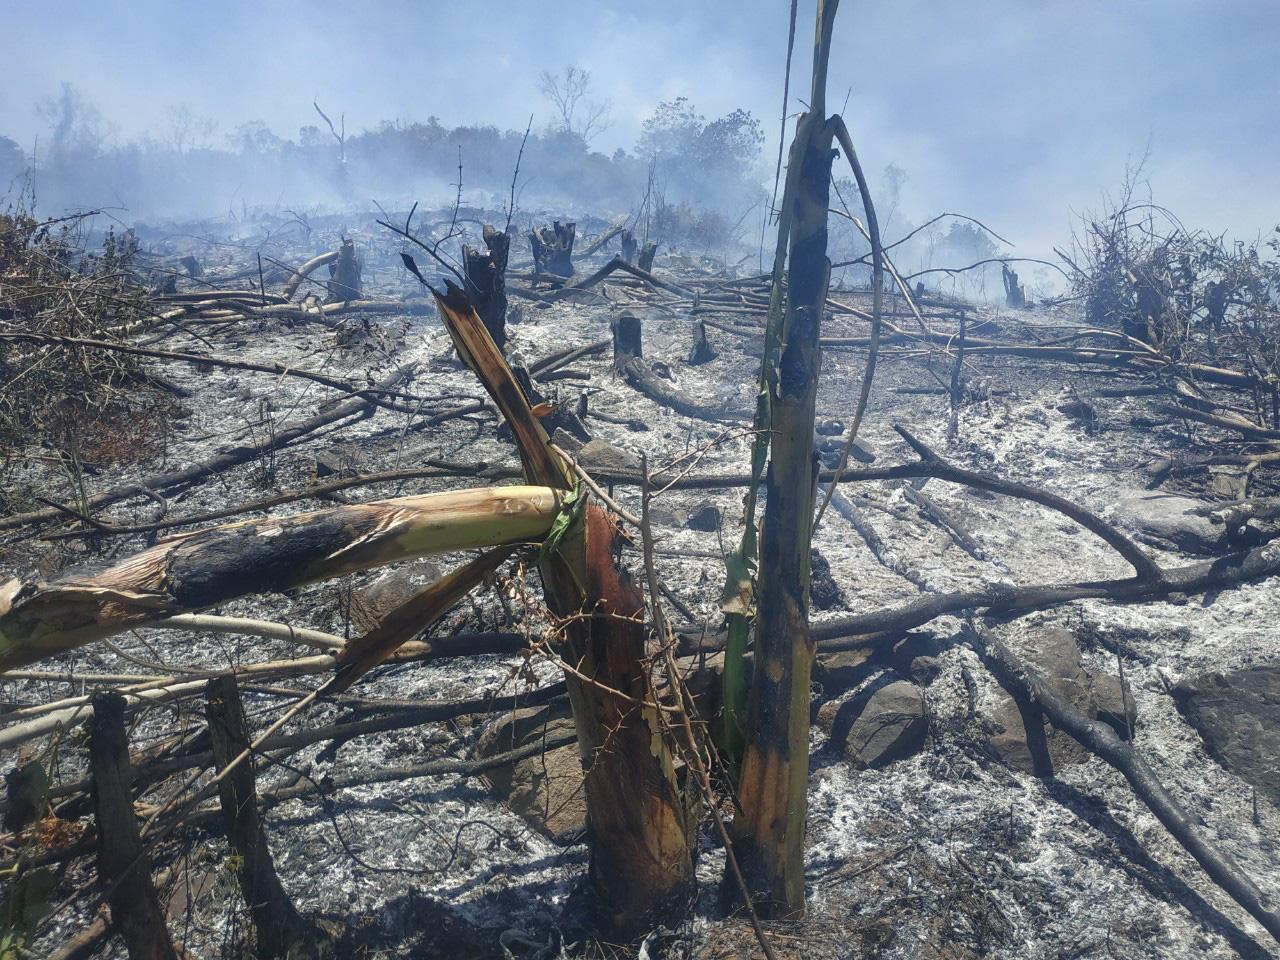 Khánh Hòa: Hơn 7.000m2 rừng bị chặt phá trái phép, ai là thủ phạm? - Ảnh 1.